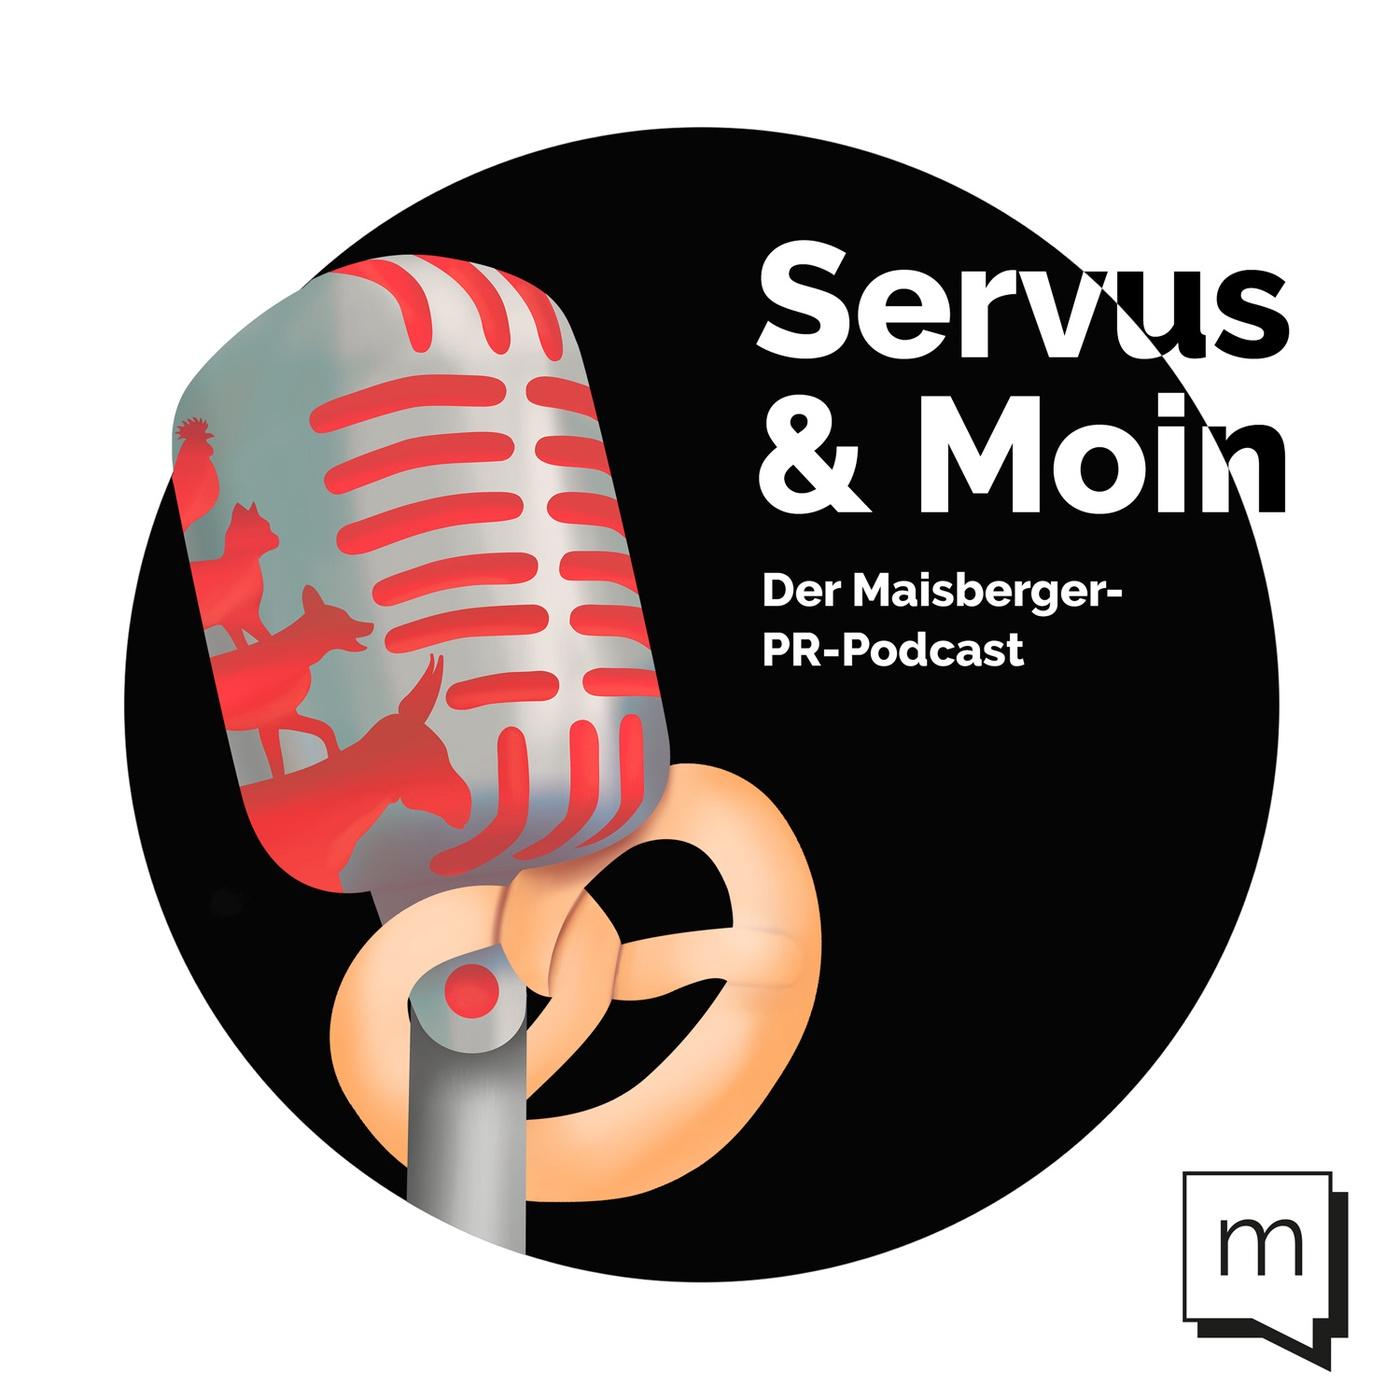 #Episode 6: Maisberger Sommerfest